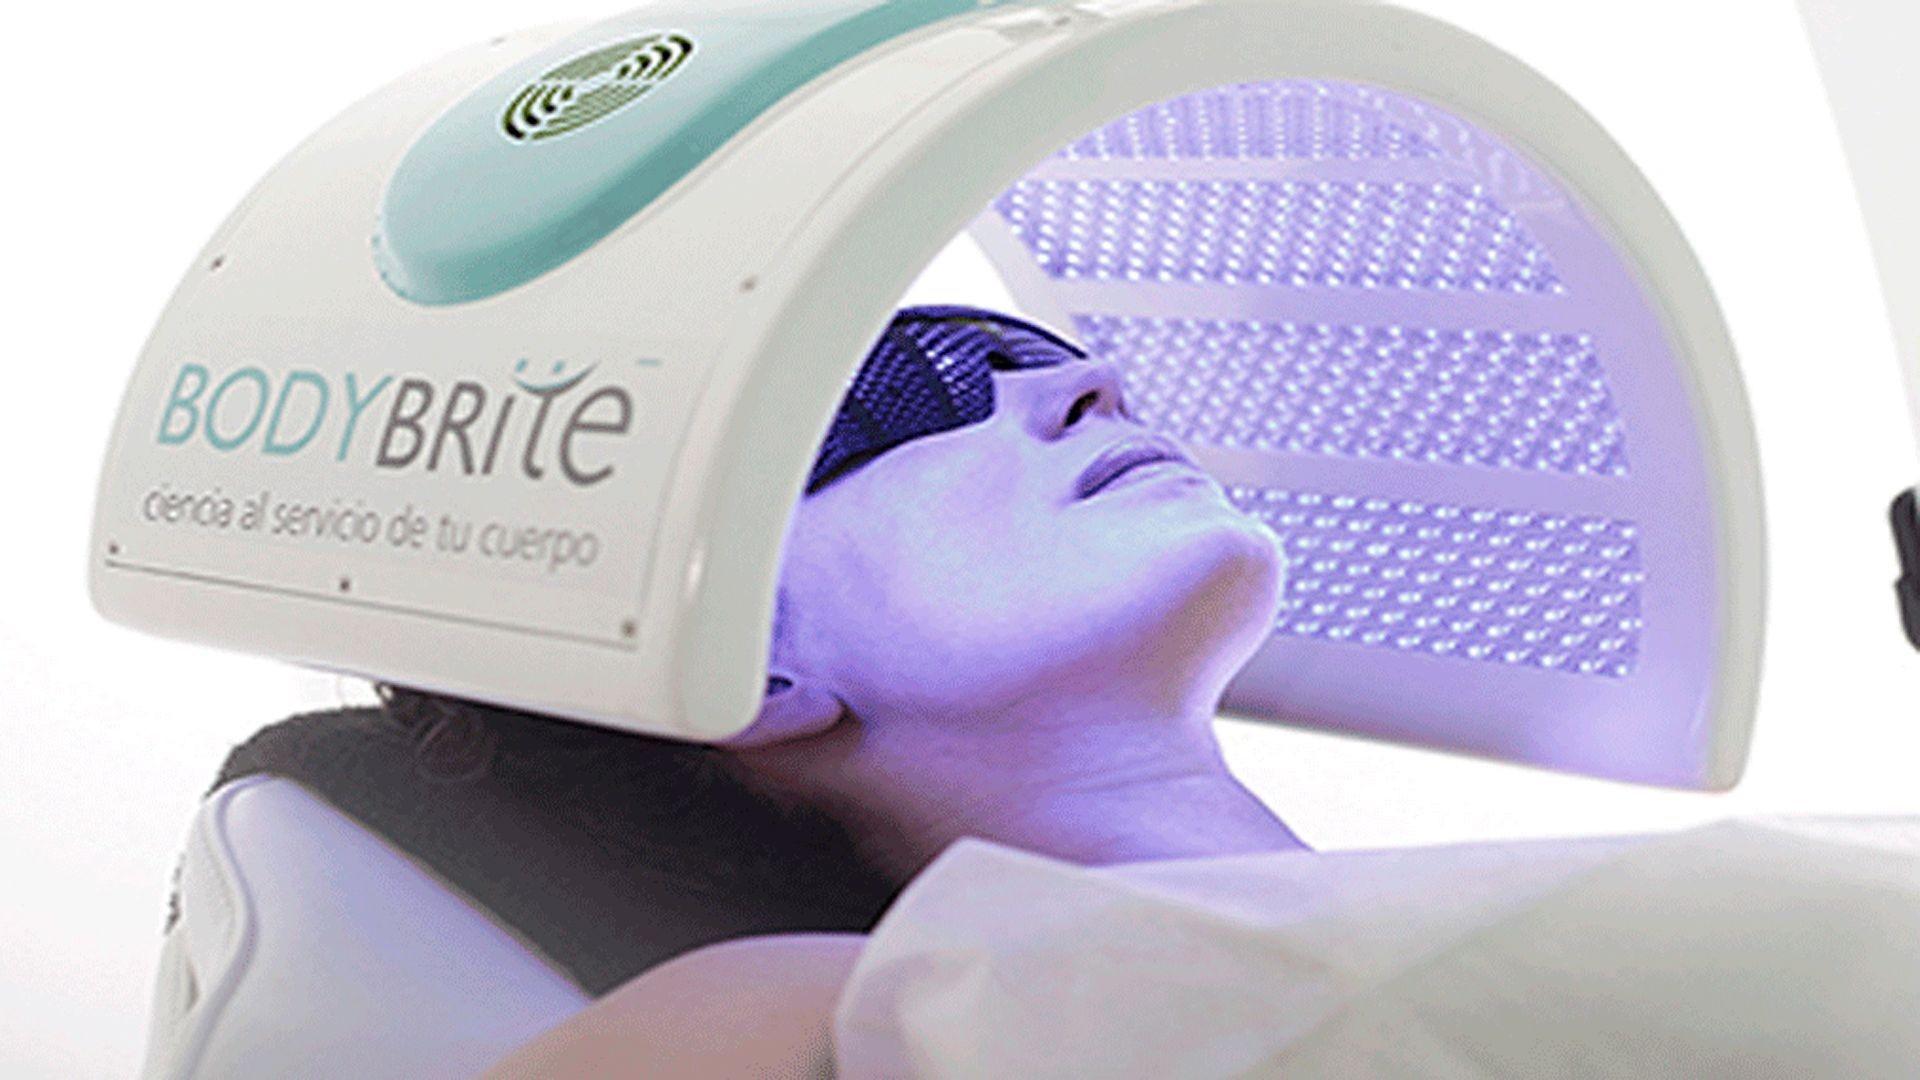 Bodybrite-fototerapia-azul